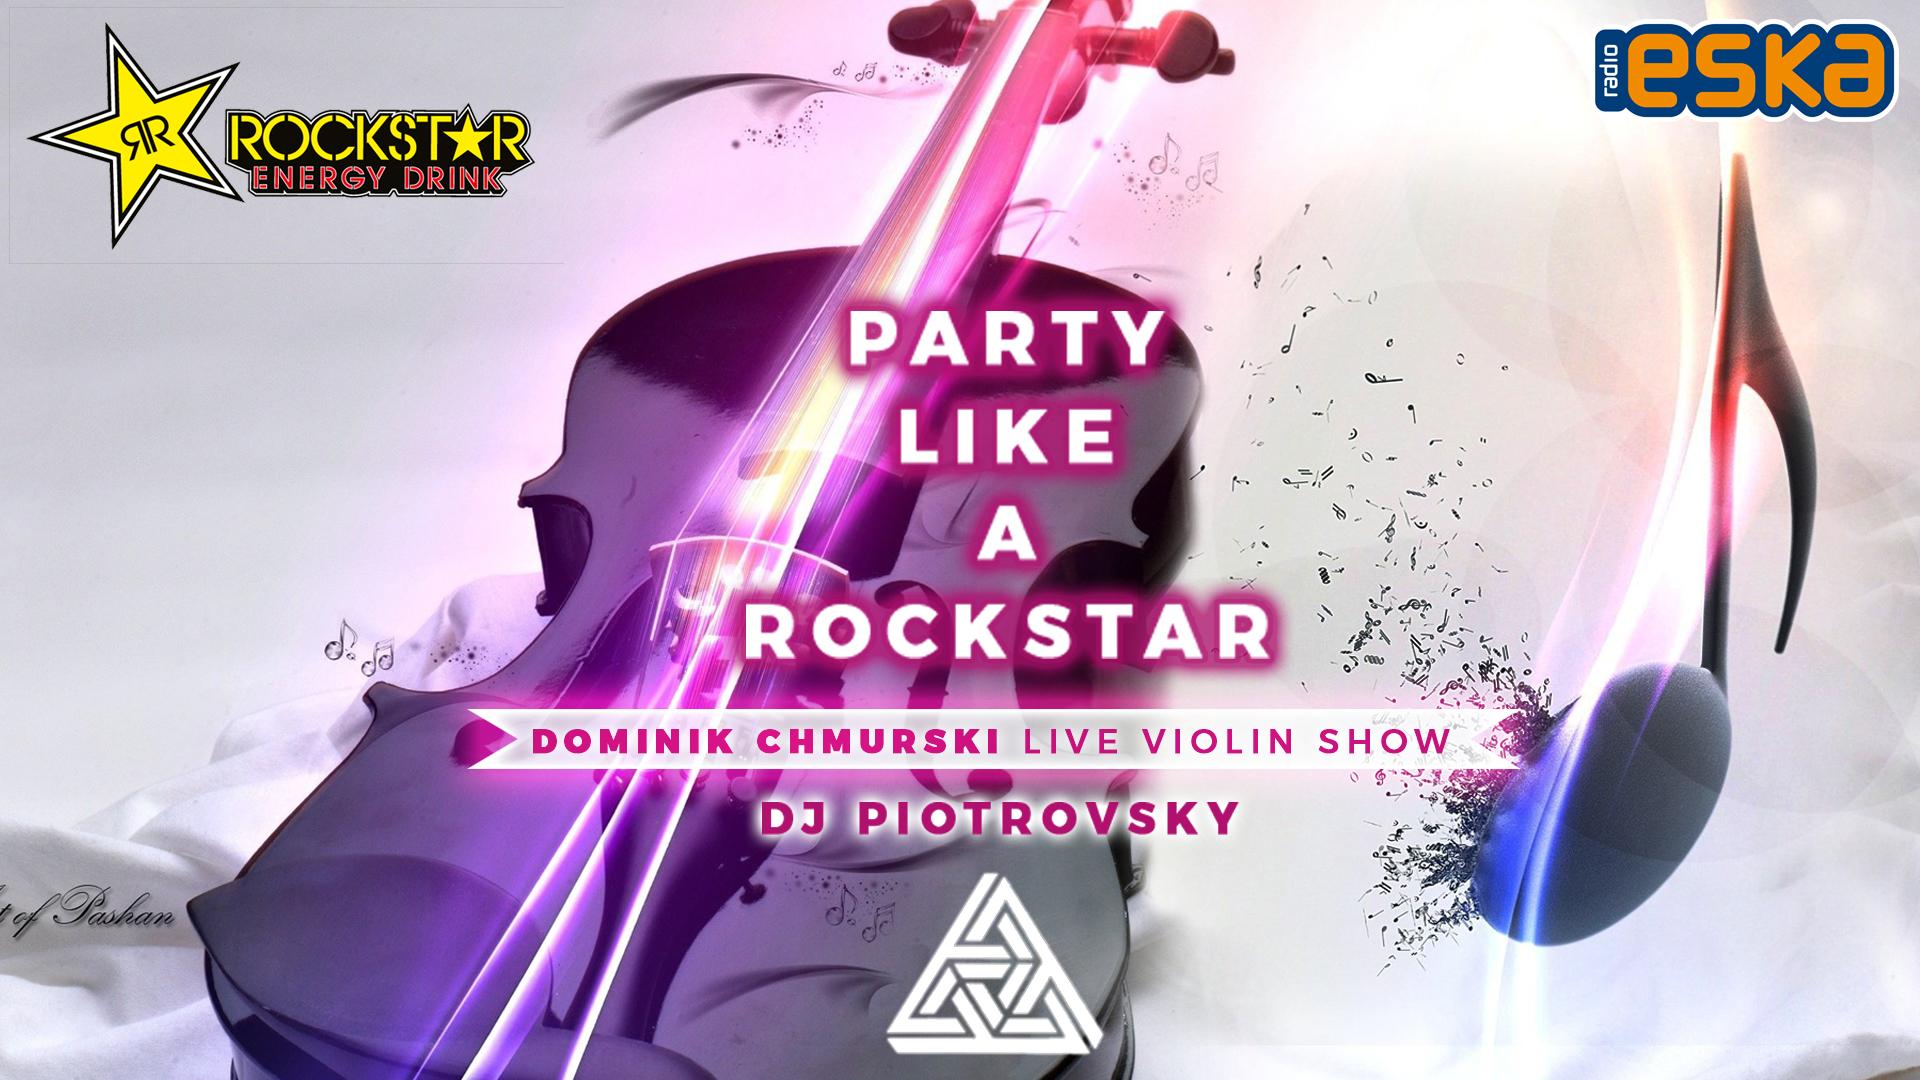 PIĄTEK_DJ_PIOTROVSKY_LIKE A ROCKSTAR